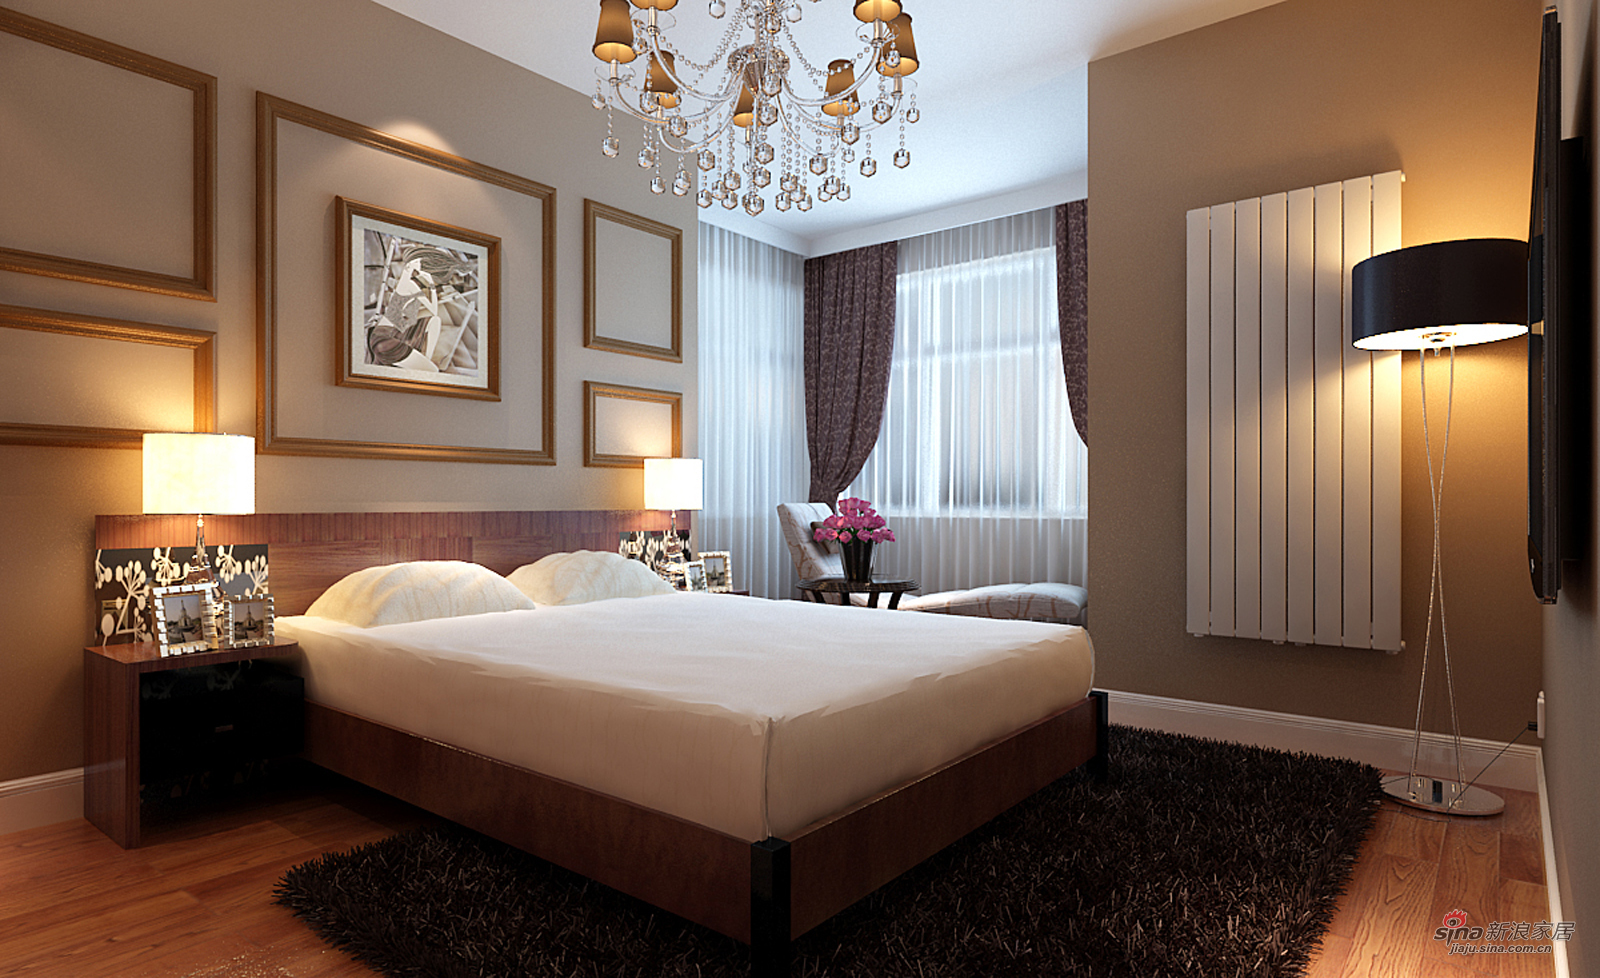 欧式 四居 卧室图片来自用户2745758987在我的专辑396919的分享